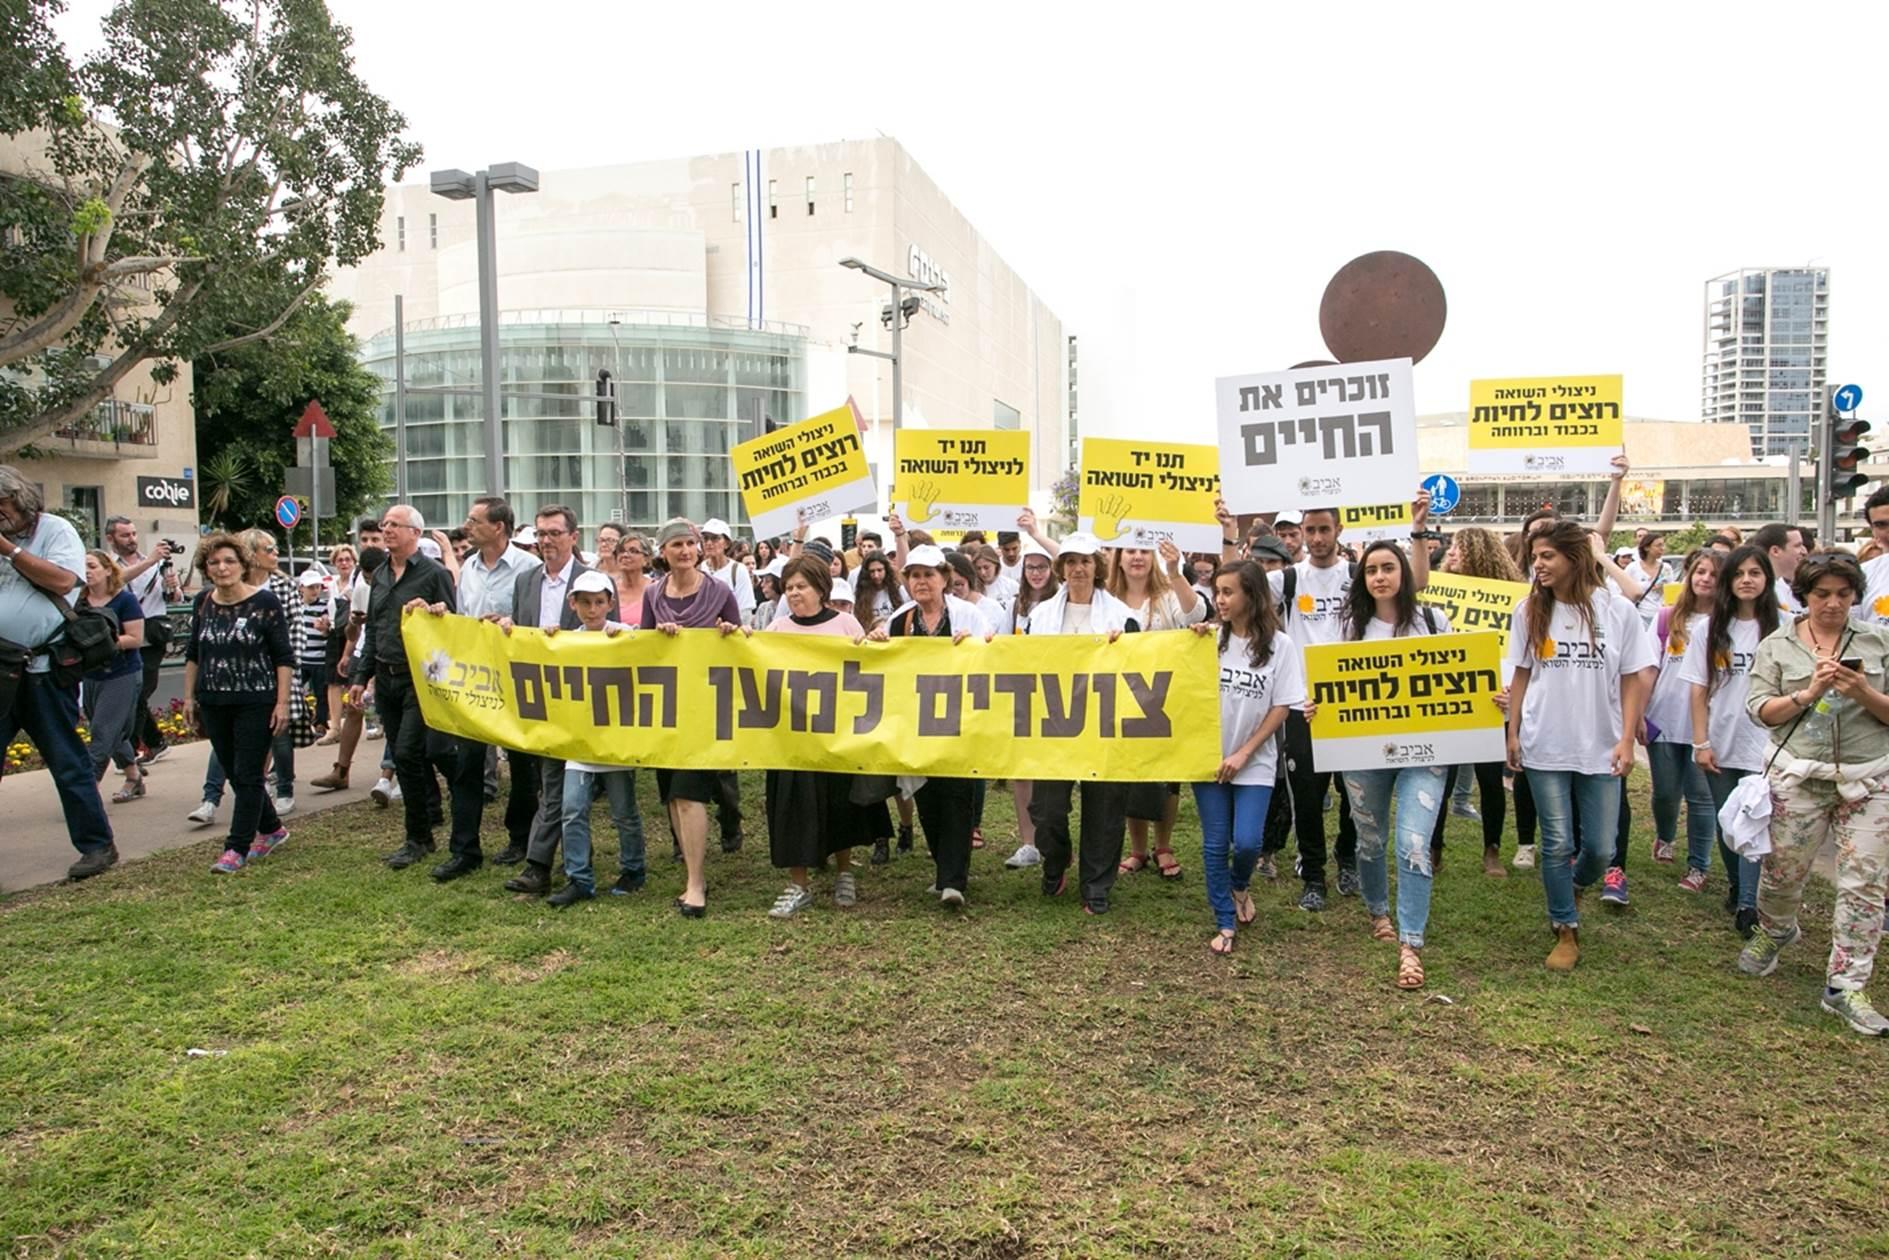 """Mit dem """"Marsch für die Lebenden"""" wollen die Veranstalter auf die Bedürfnisse der Shoa-Überlebenden aufmerksam machen (Bild: Presse)."""